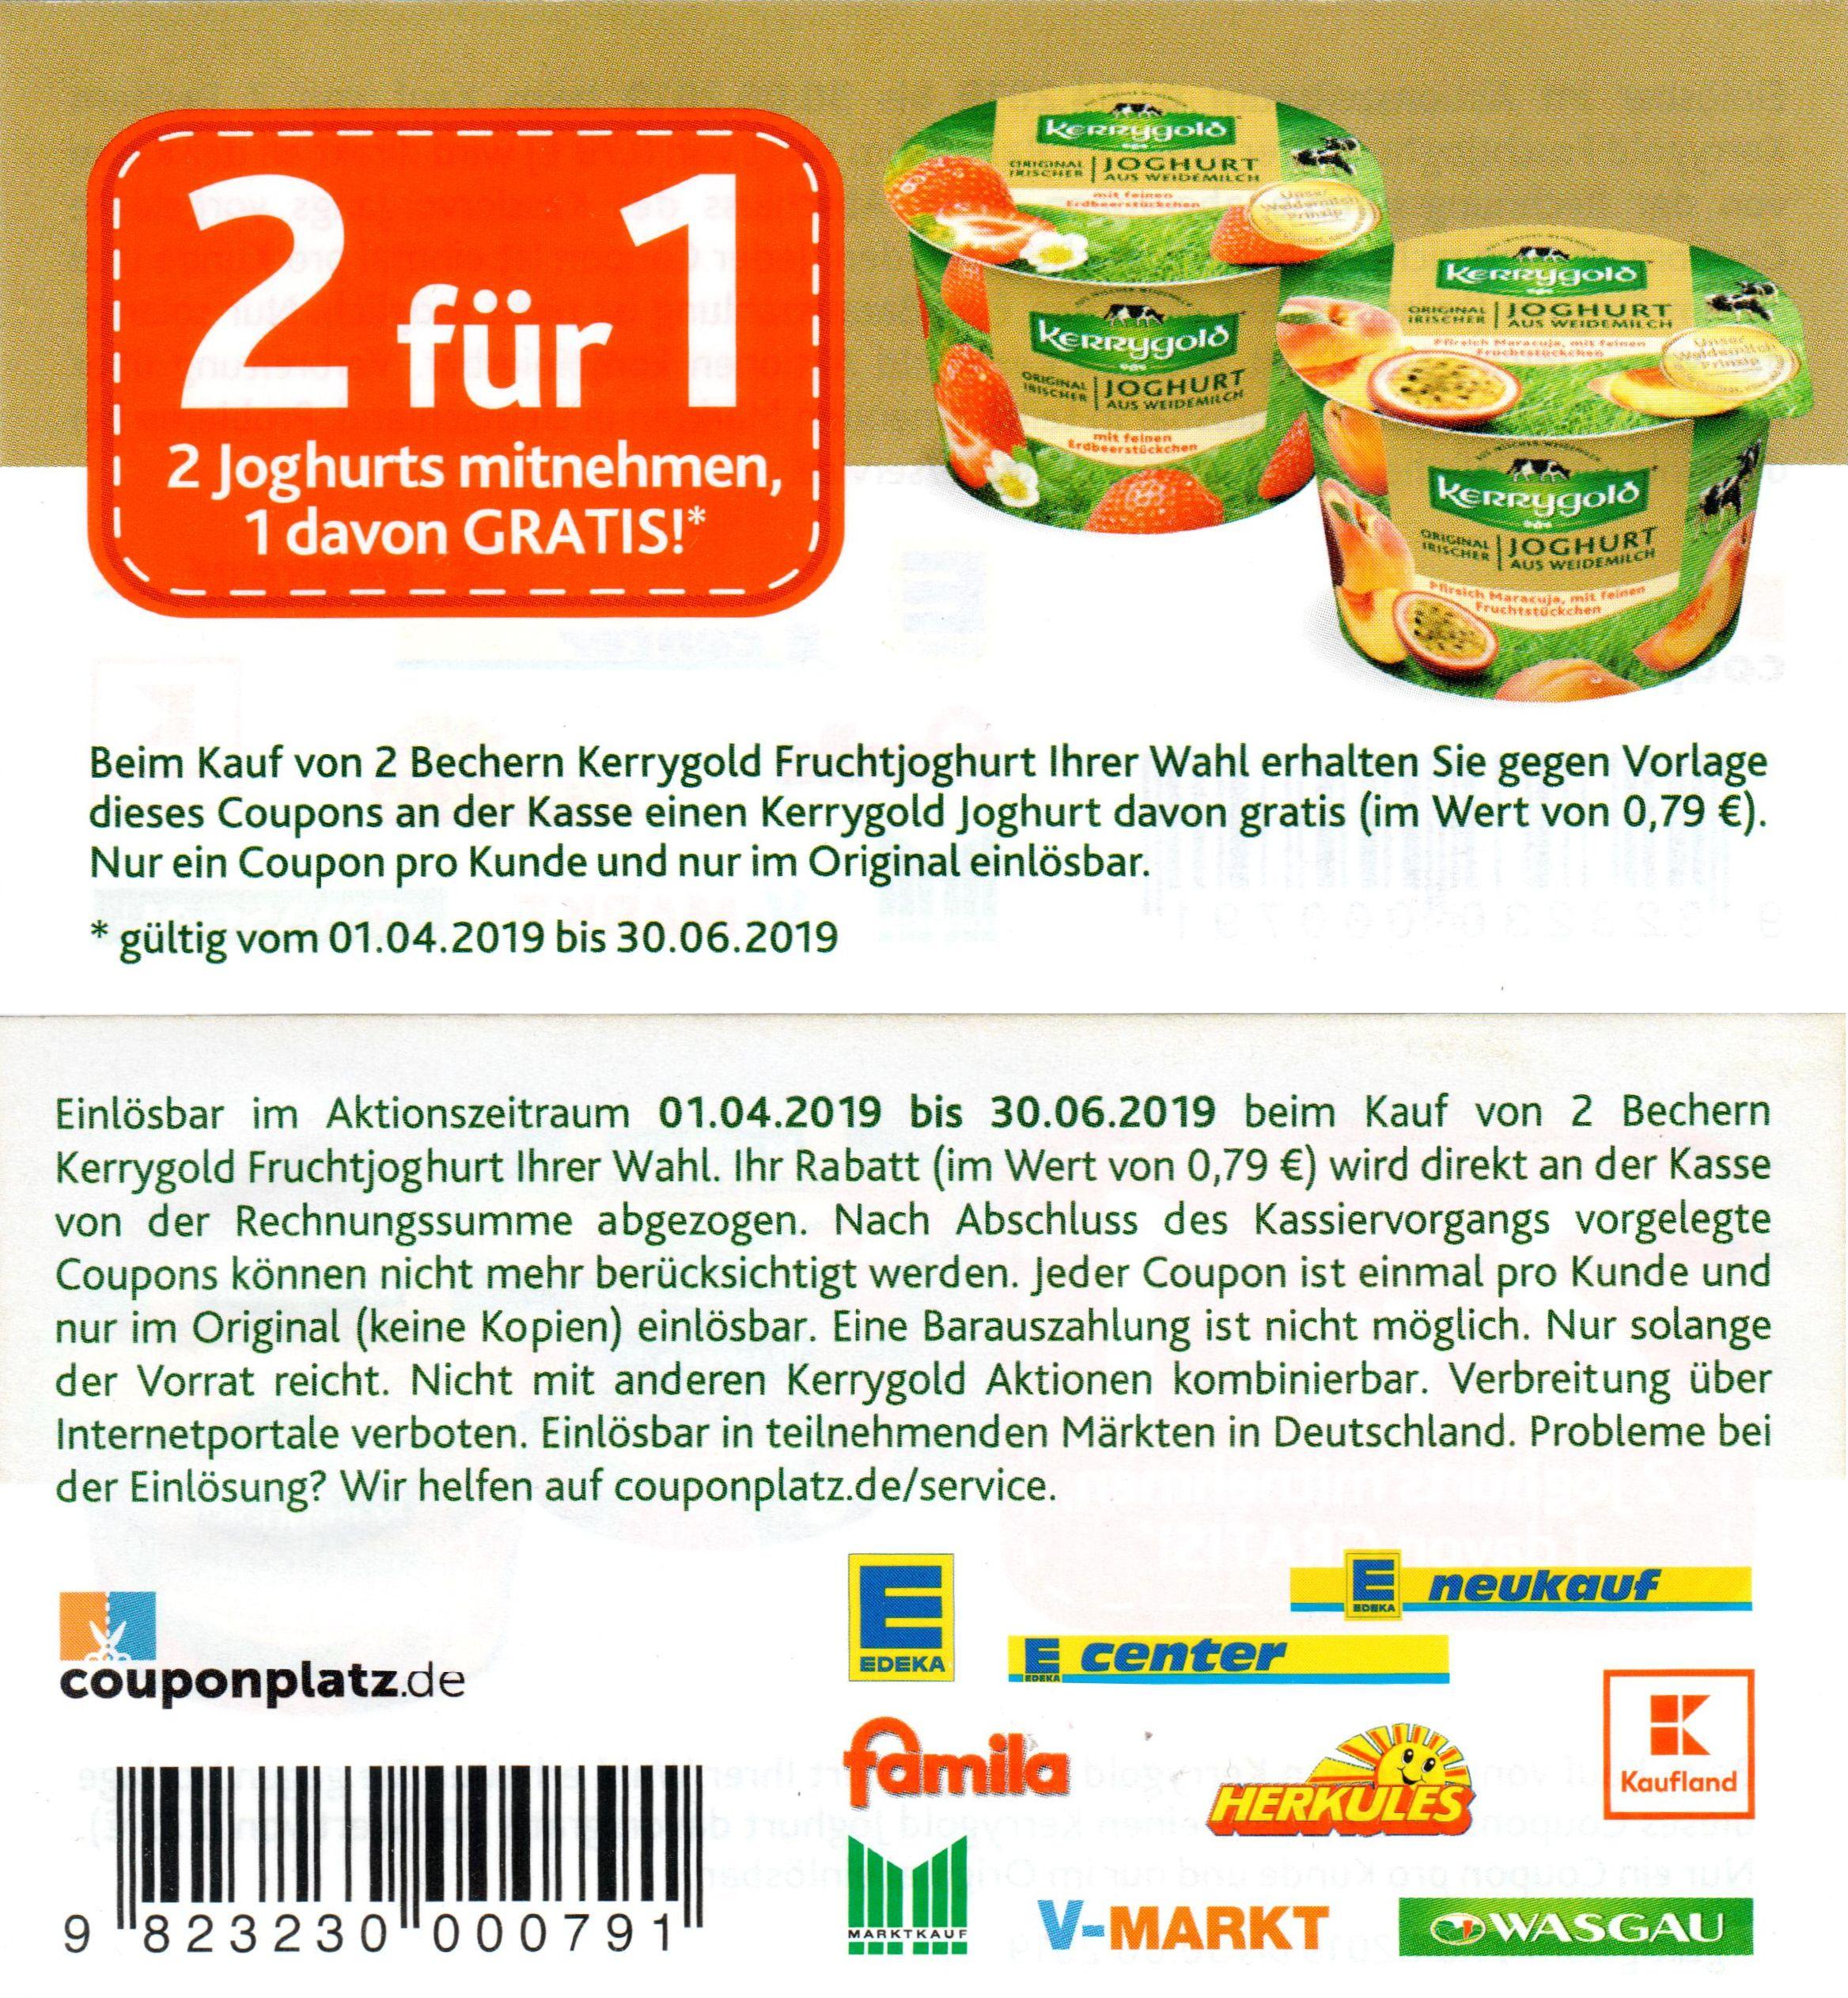 2für1 Sofort-Rabatt Coupon für Kerrygold Fruchtjoghurt bis 30.06.2019